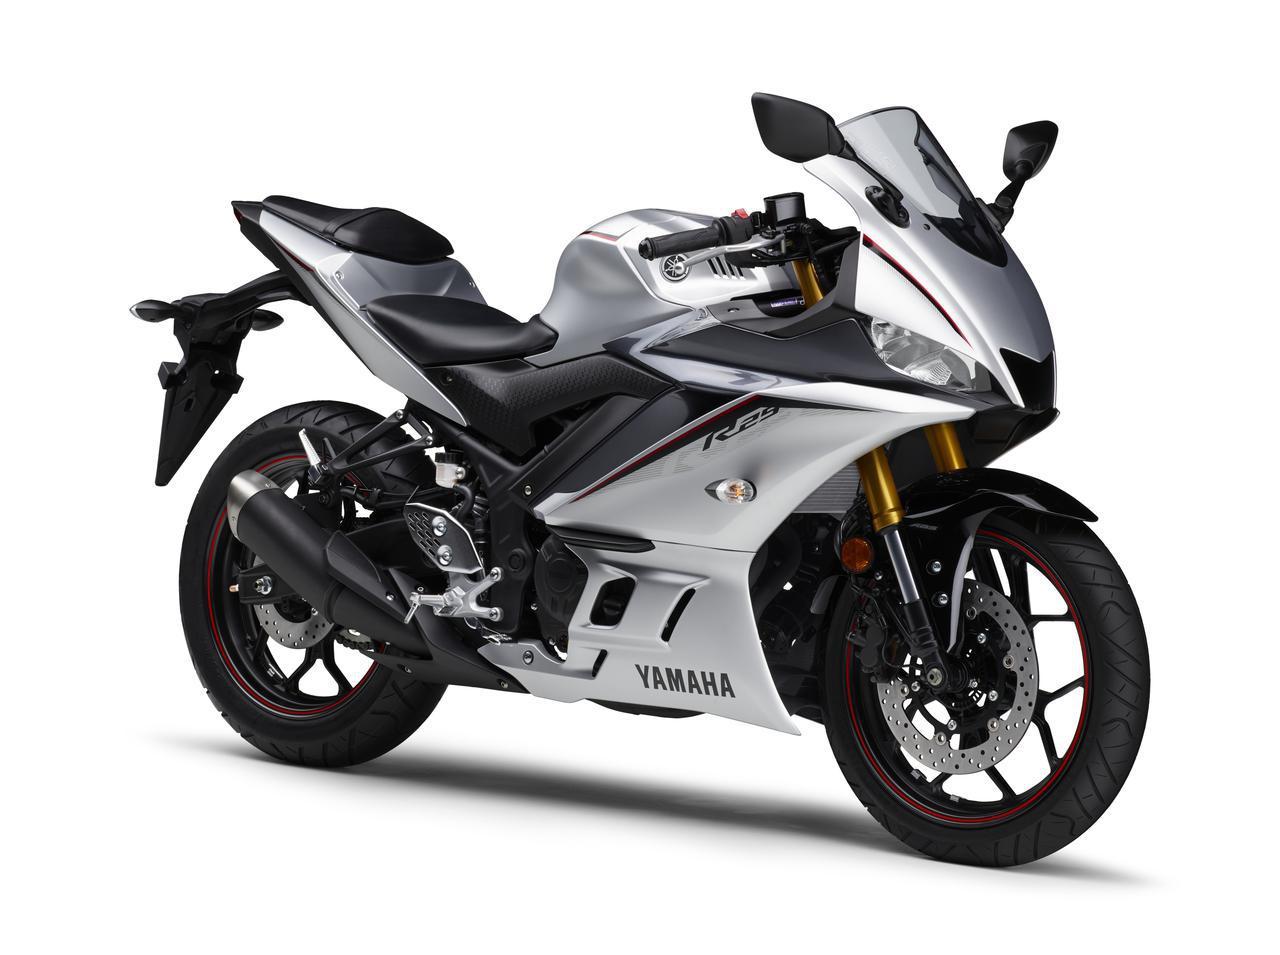 画像21: ヤマハ「YZF-R25/ABS」「YZF-R3 ABS」の2020年モデルが2月14日(金)発売! 3色展開で、すべてニューカラー!